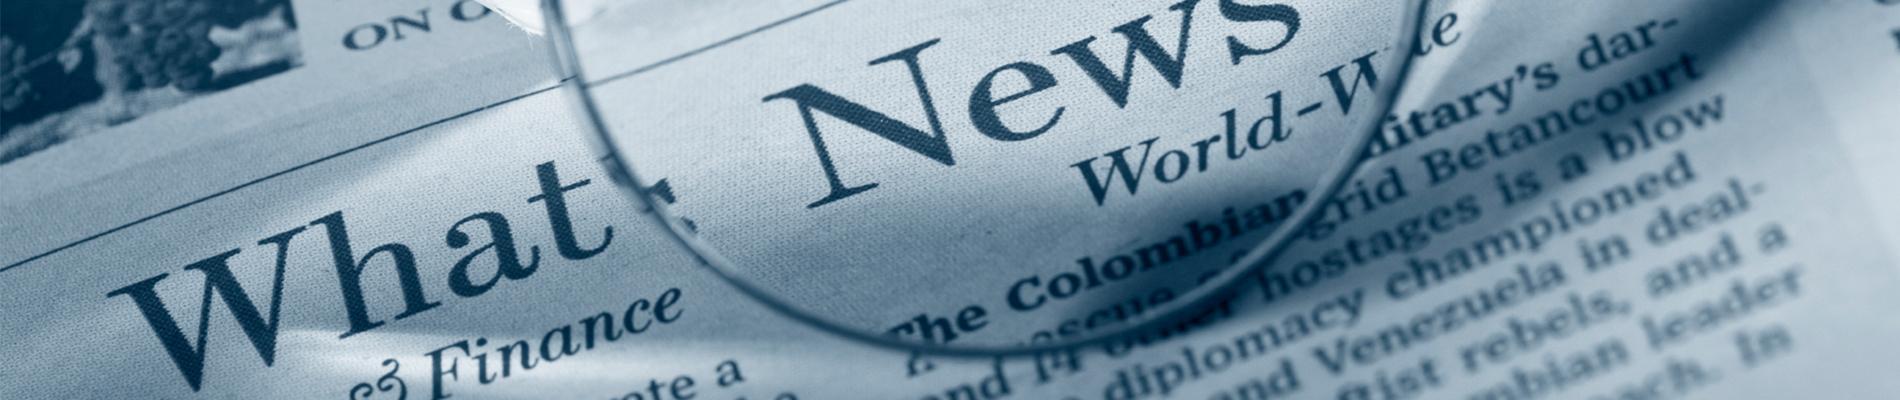 banner - newsprint